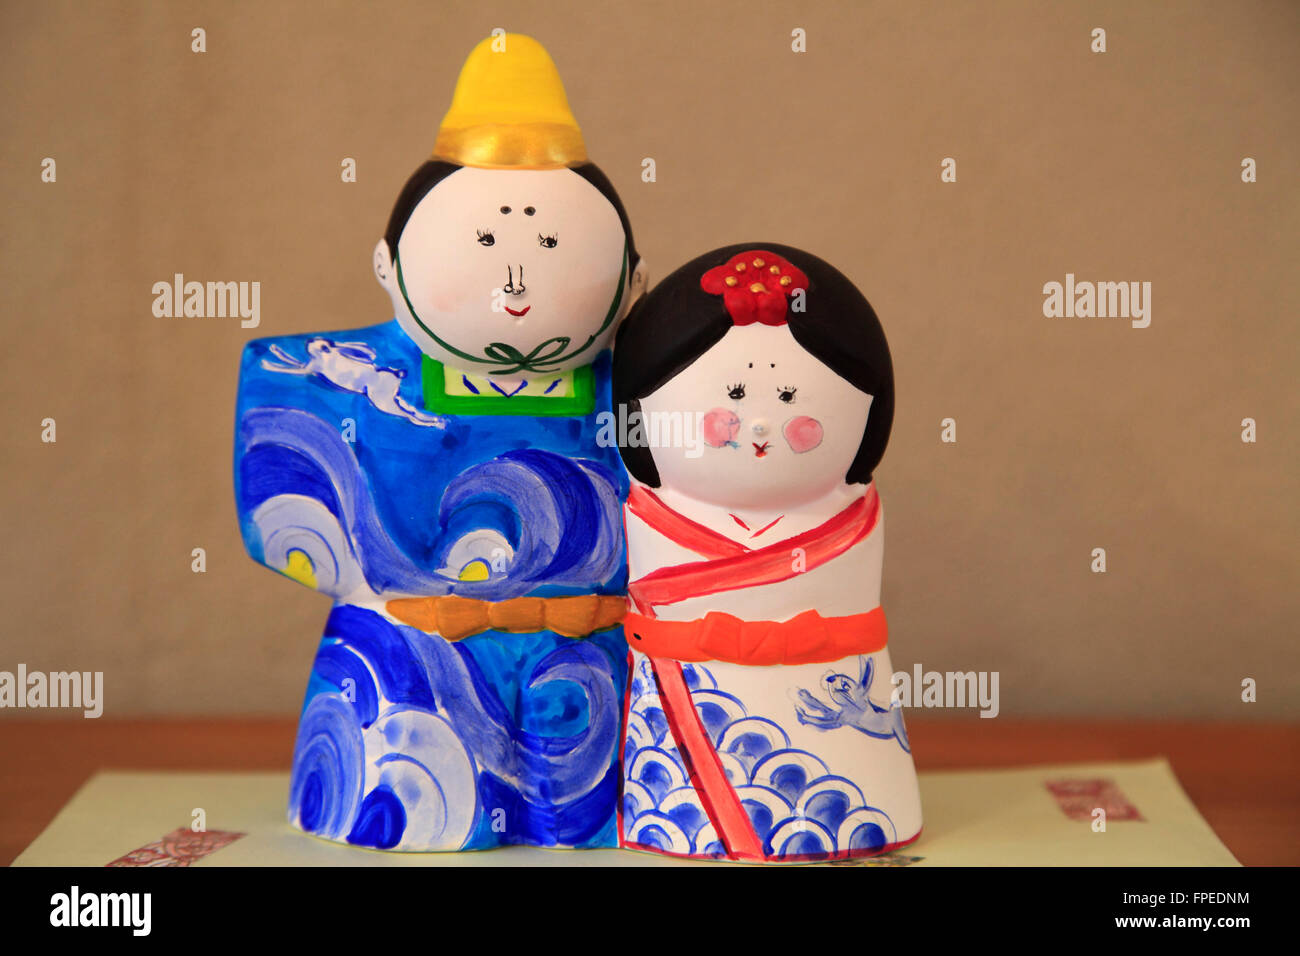 Japan; Seto City, Aichi Prefecture, ceramics, dolls, - Stock Image